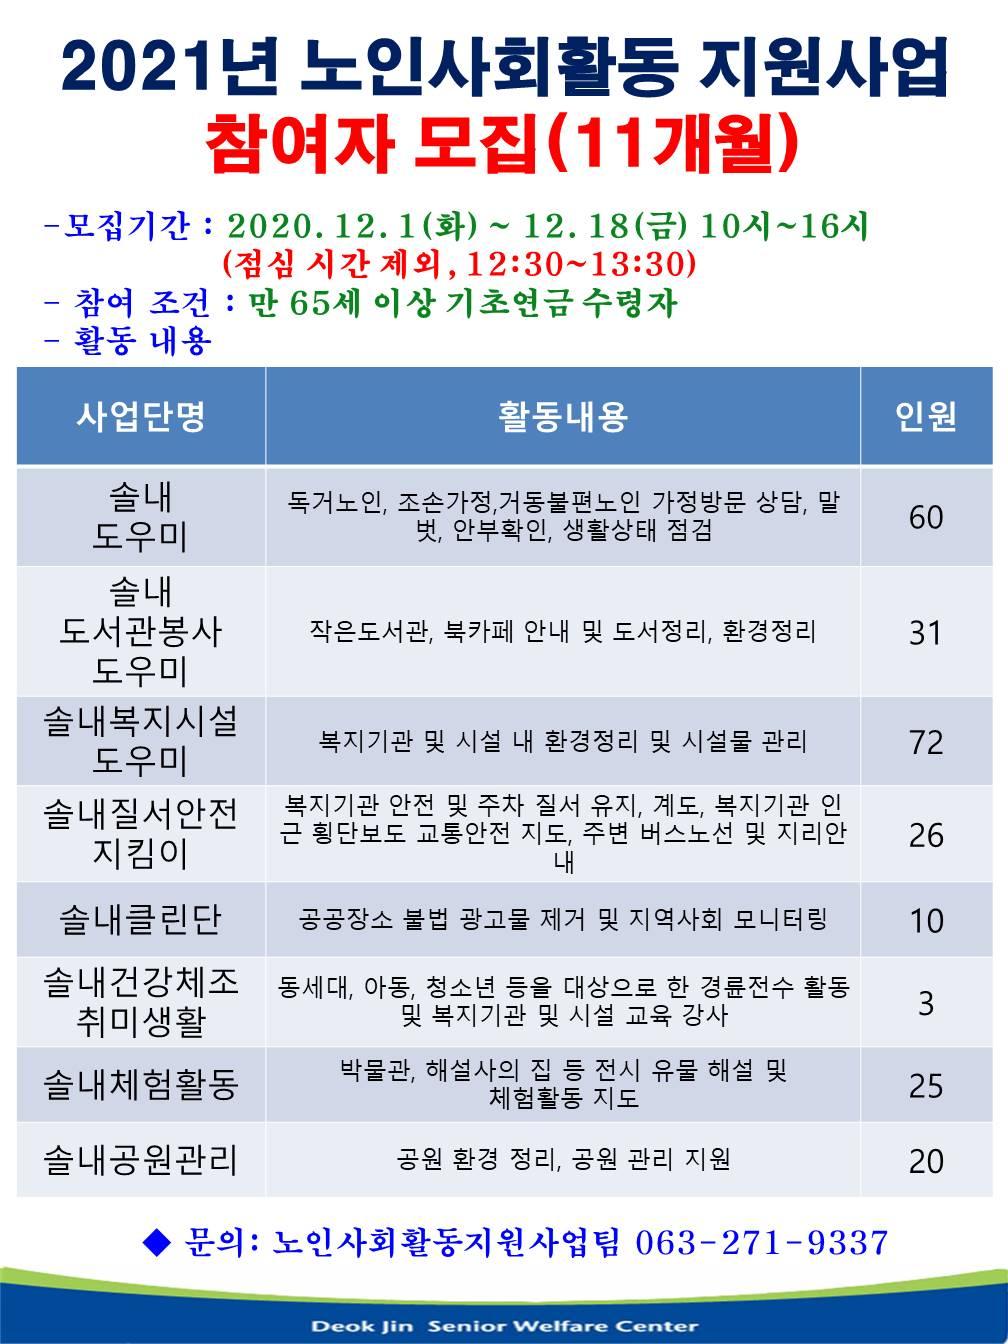 11개월 모집 자료(2020)_사업단별.jpg